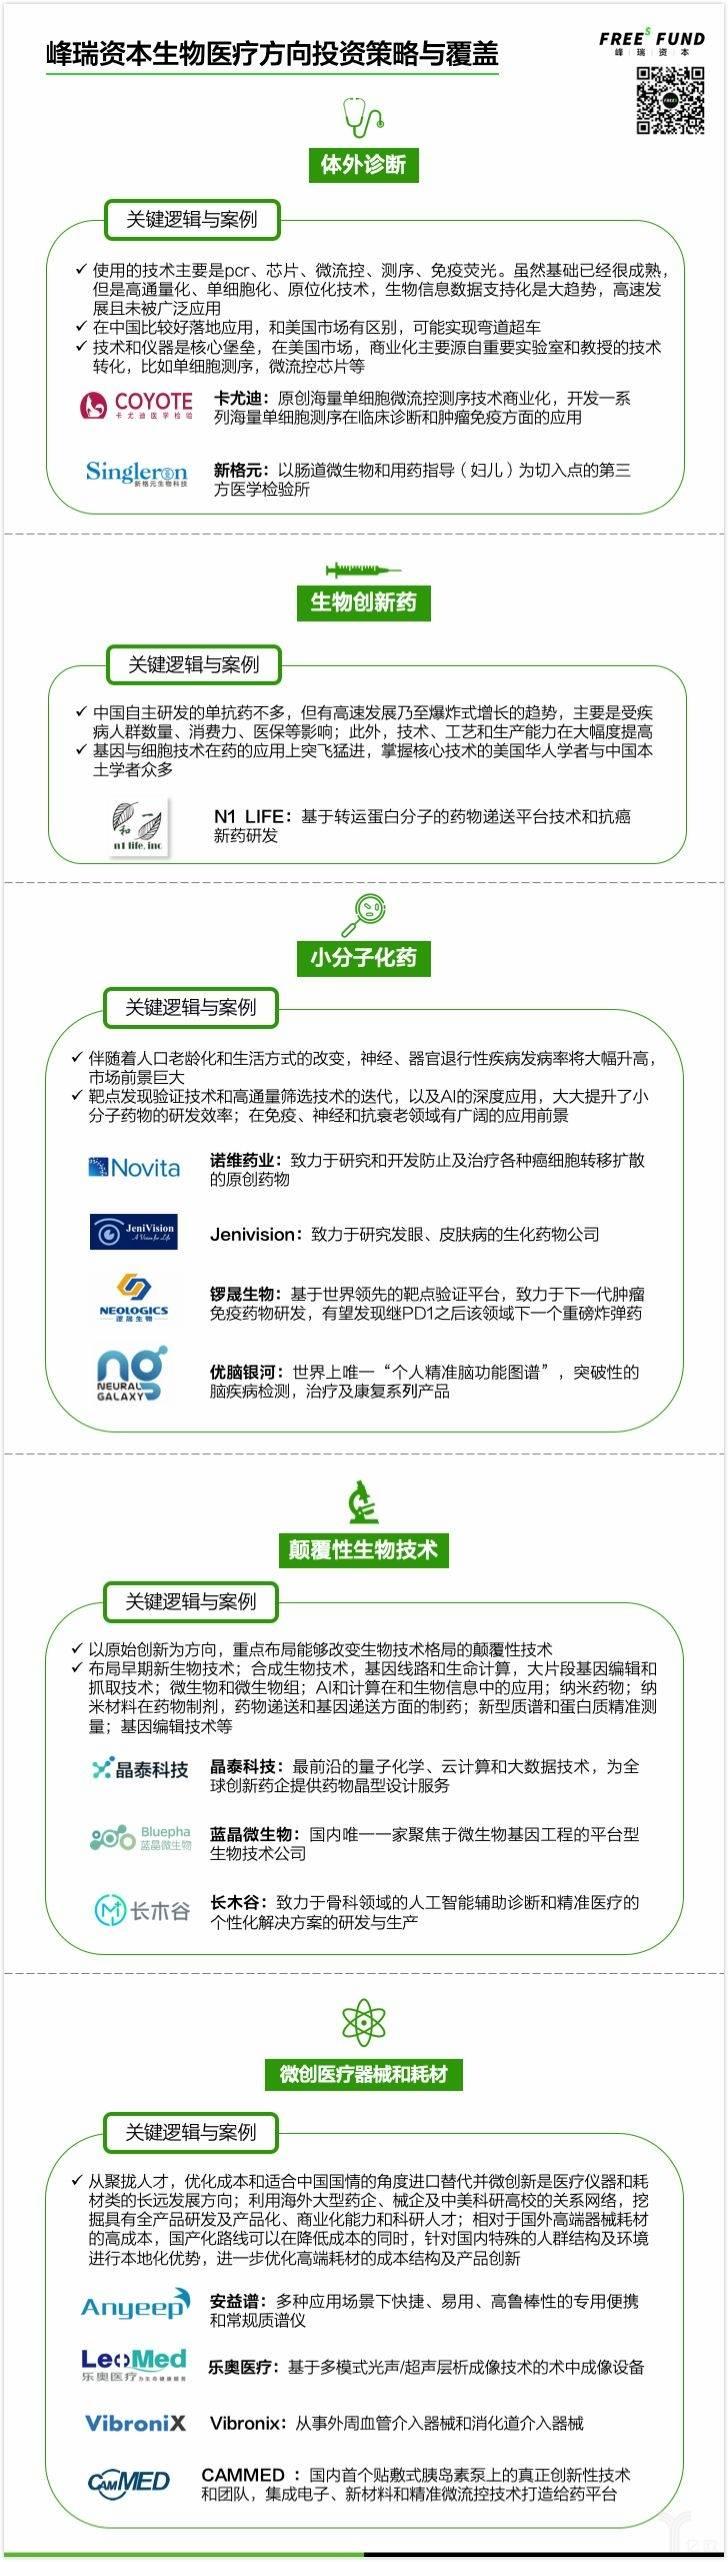 峰瑞资本生物医疗方向投资策略.jpg